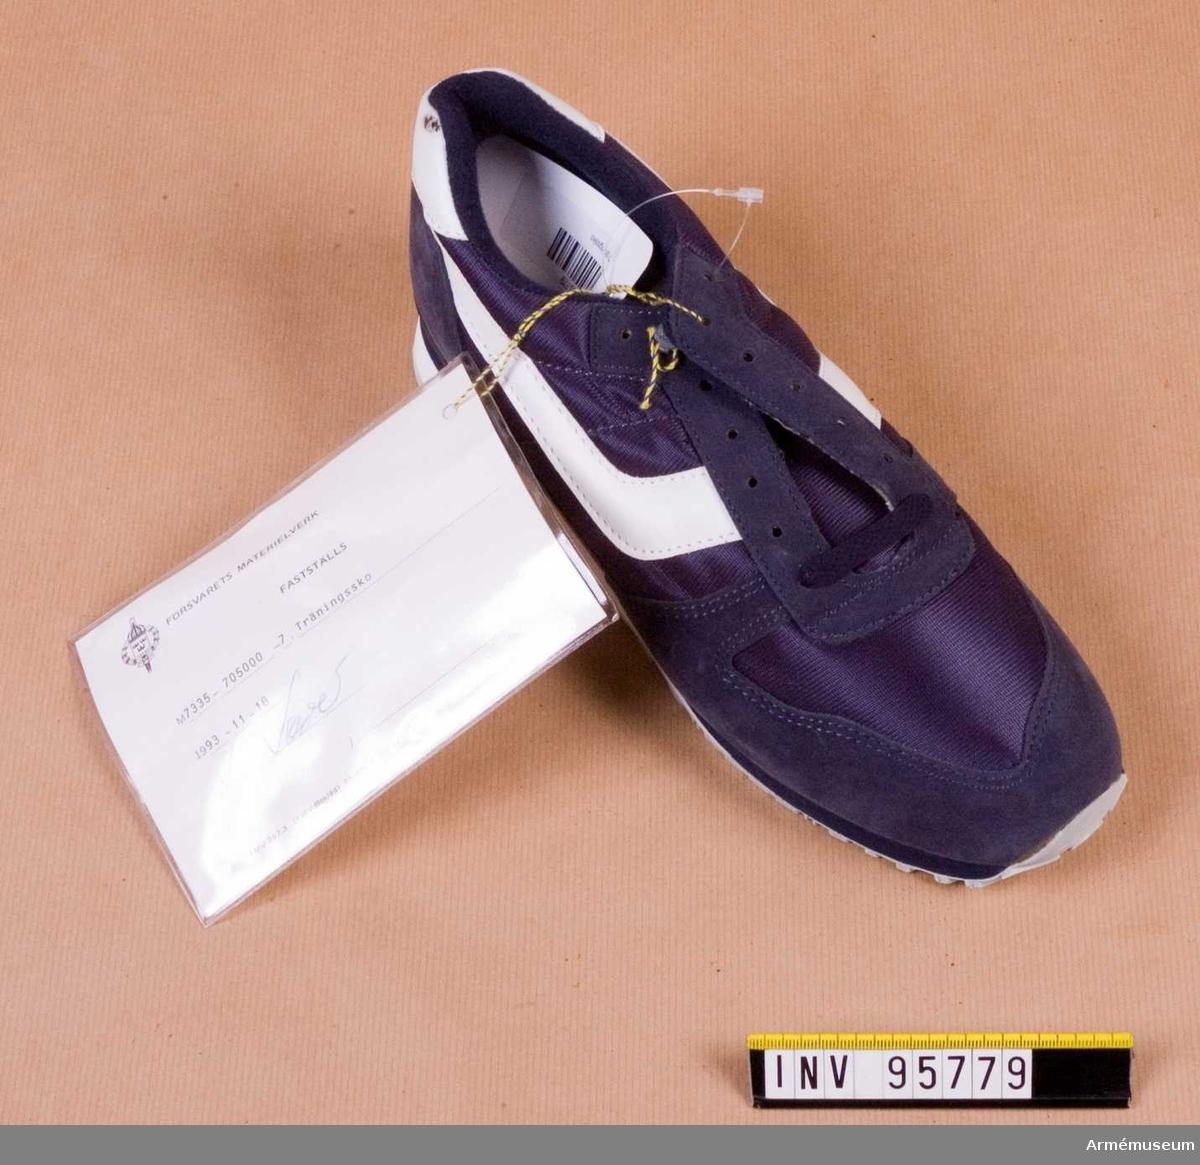 """Höger sko. Skorna är gjorda av syntetväv, mockaspaltskinn och gummi och har lös inläggssula av polyuretan. De förekommer av olika fabrikat och modeller men är vanligen blå. Skorna används för fysisk träning såväl inomhus som utomhus i alla försvarsgrenar.  Vidhängande etikett: """"Försvarets materielverk. Fastställs M7335-705000-7, Träningssko, 1993-11-18 (oläslig underskrift)"""".  Storlek 42."""